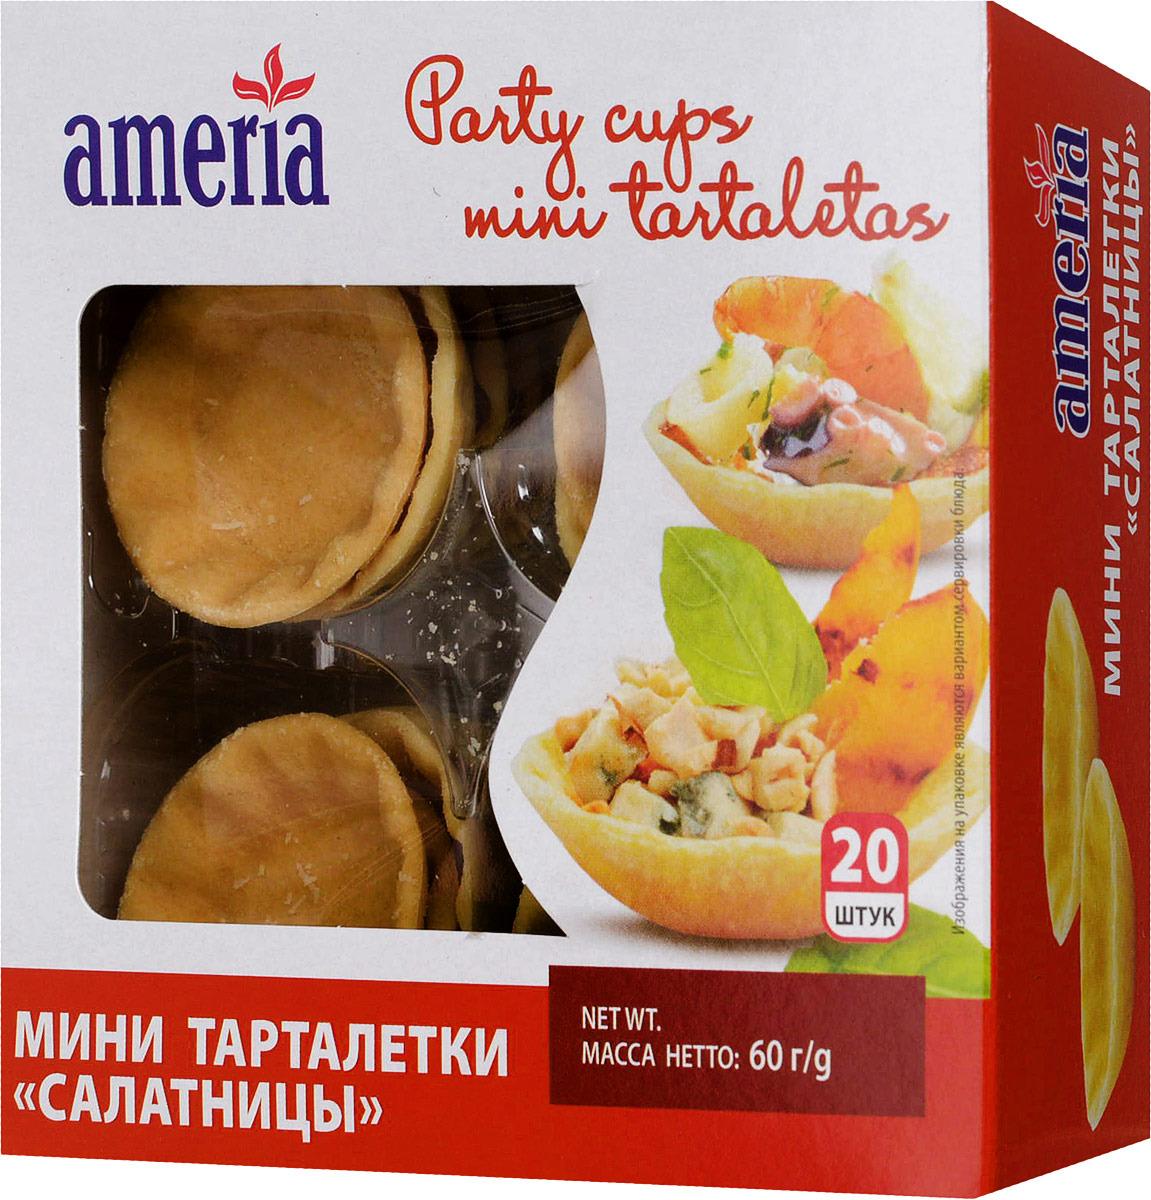 купить Ameria Party Cups Салатницы мини тарталетки, 60 г по цене 127 рублей